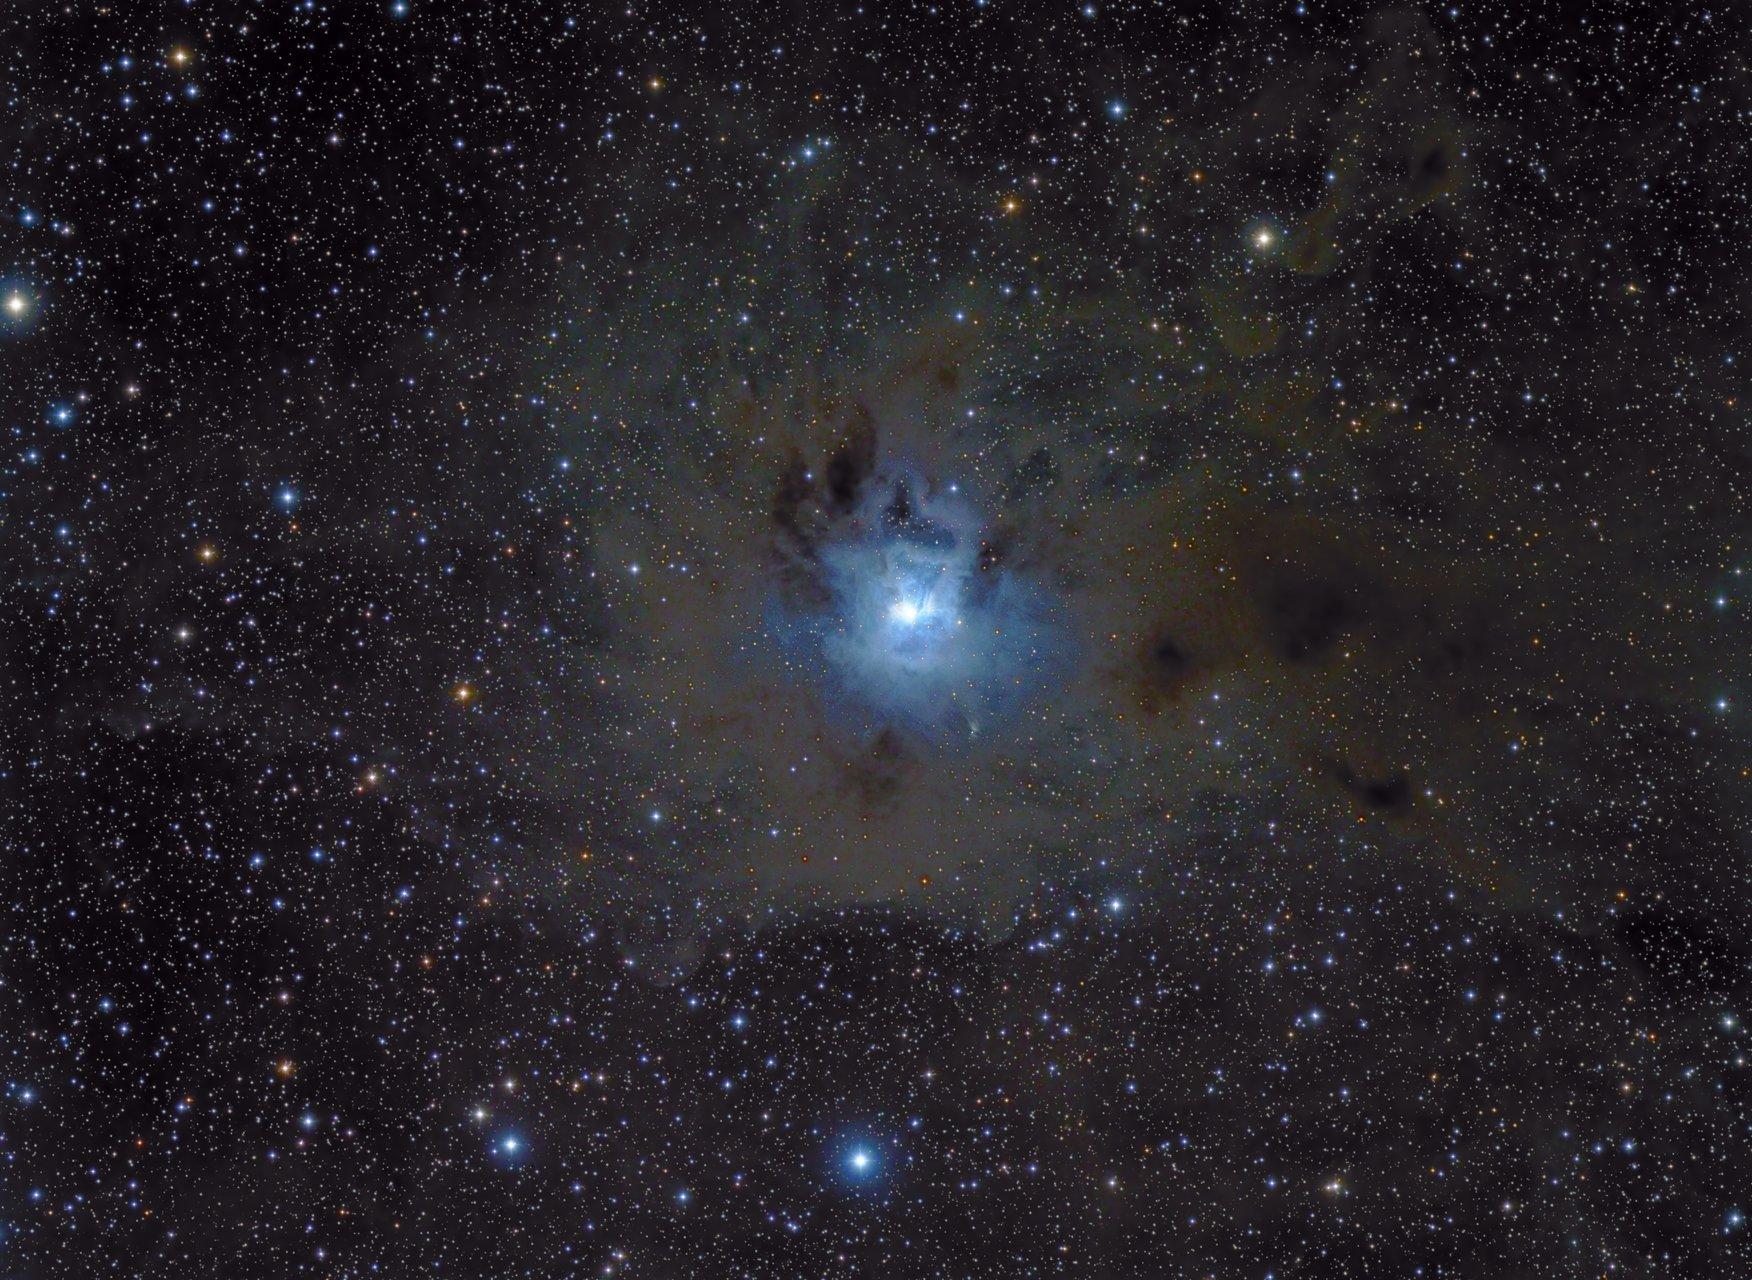 Мъглявината Ирис в съзвездие Цефей | Author Tony Gl - tonygl | PHOTO FORUM